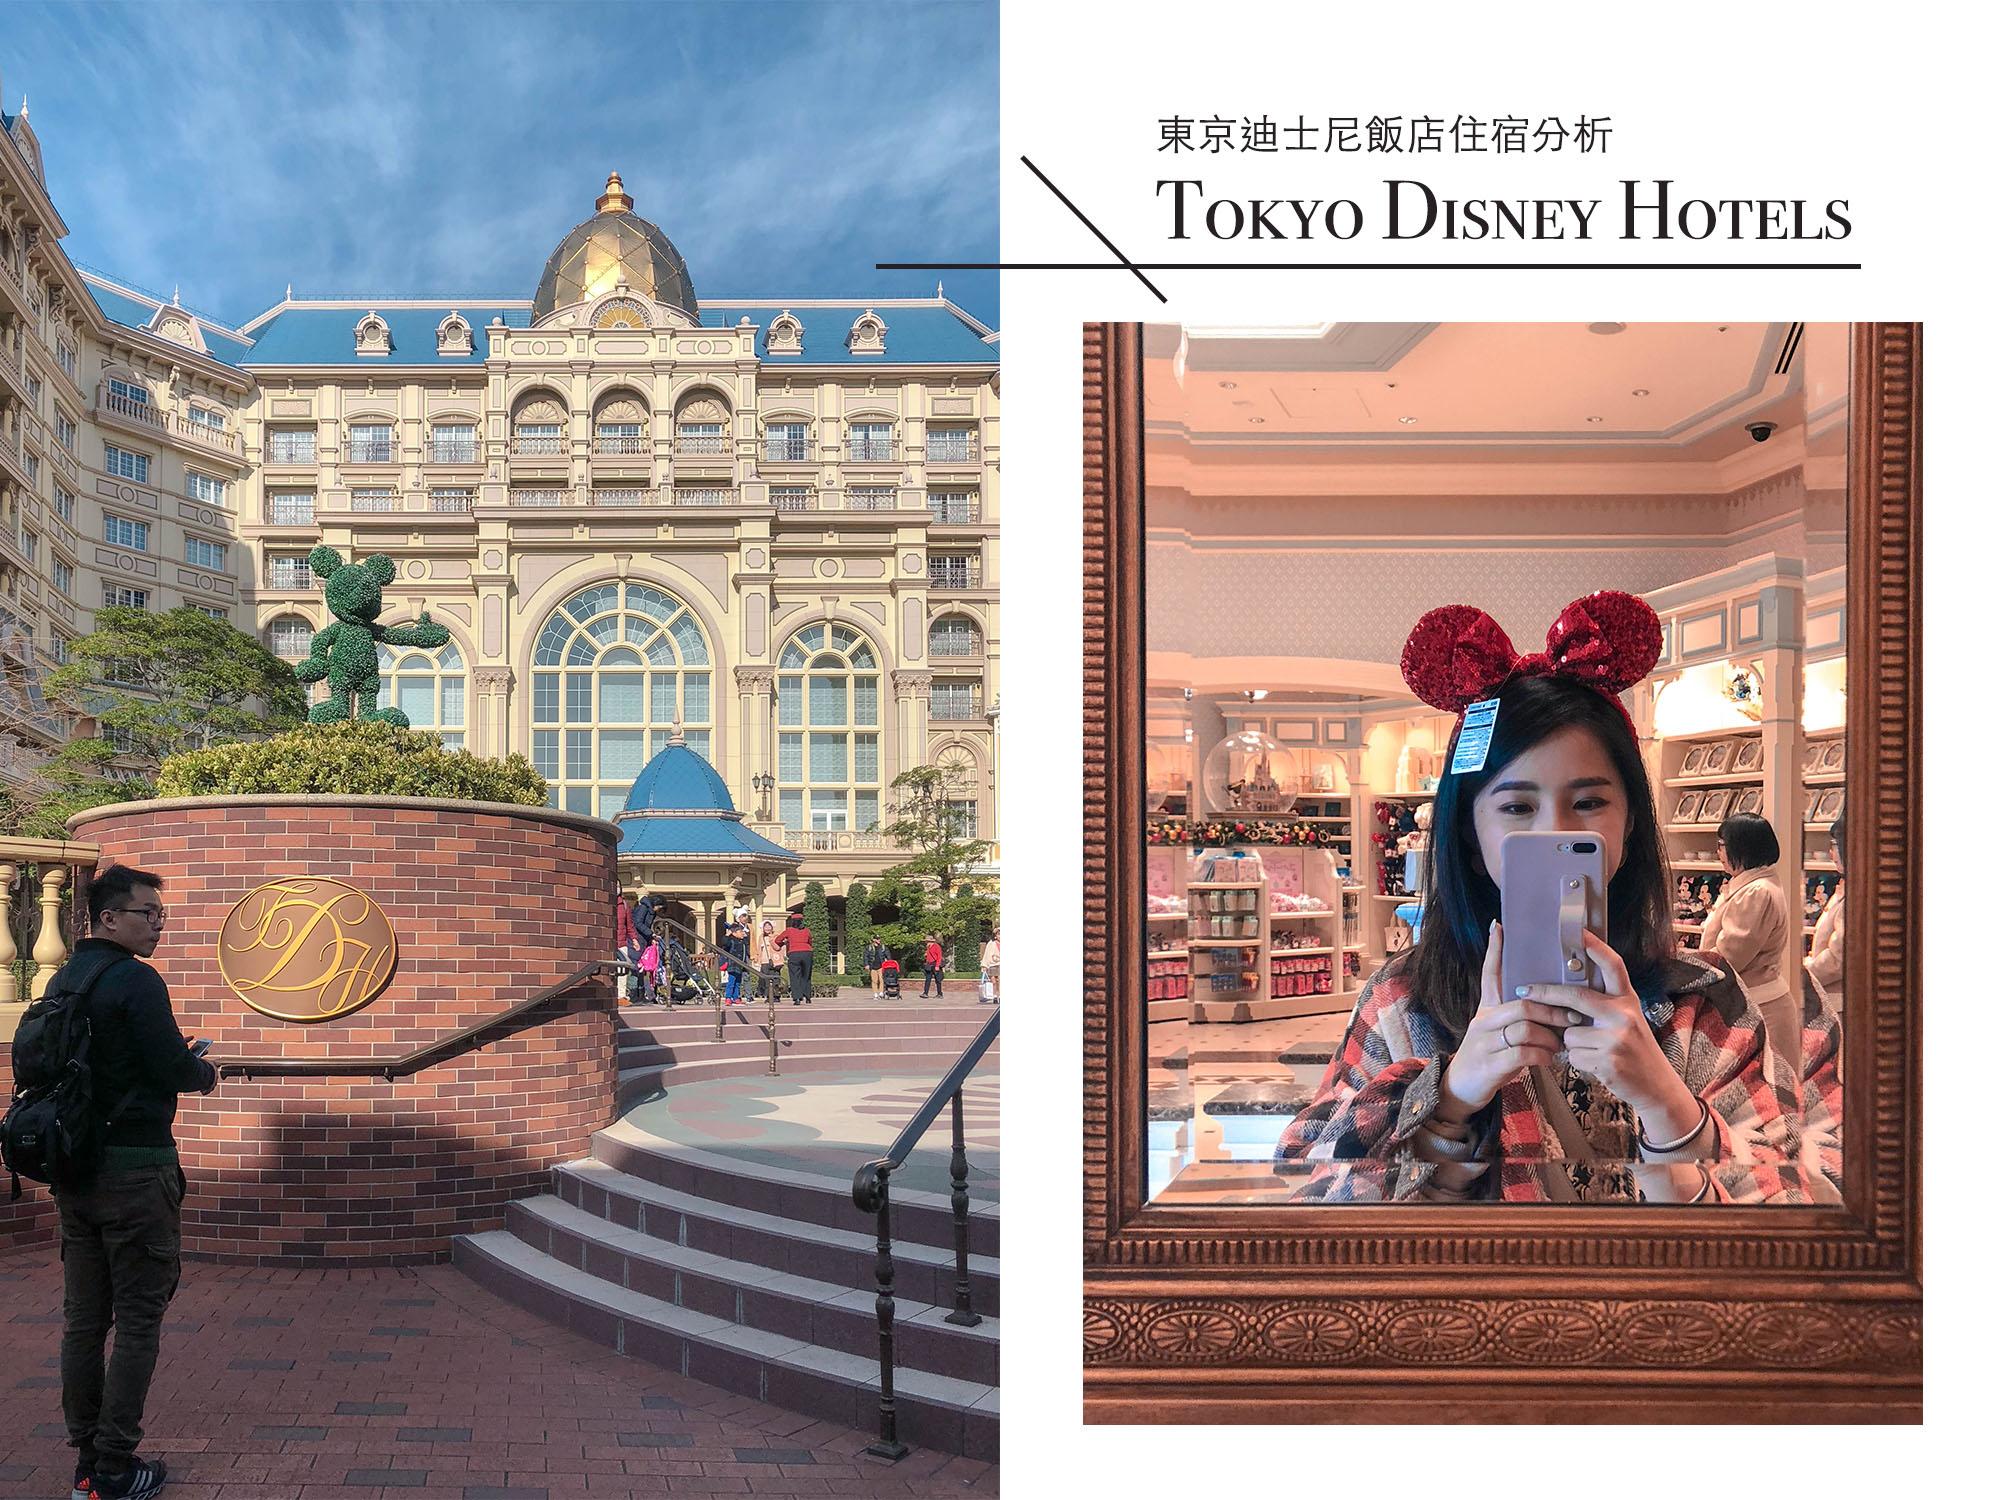 東京迪士尼26間飯店解析|要著樂園內飯店還是周邊外圍?需要買假期套票嗎?(內含地圖和飯店價格表格)